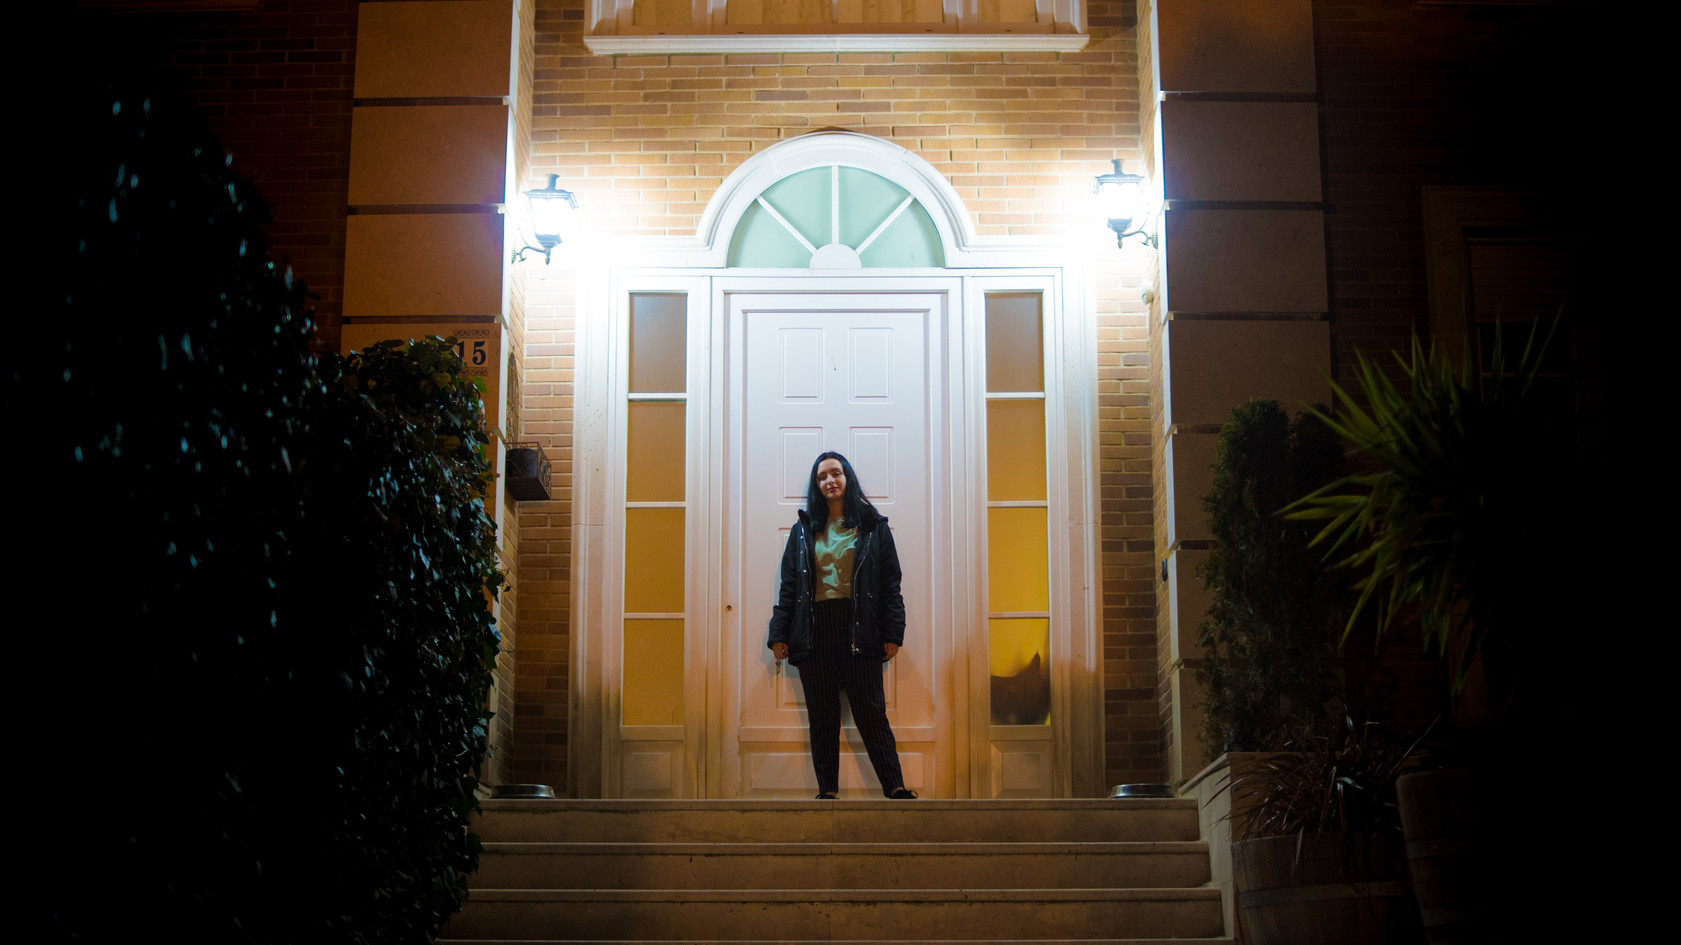 Marina door way madrid.jpg